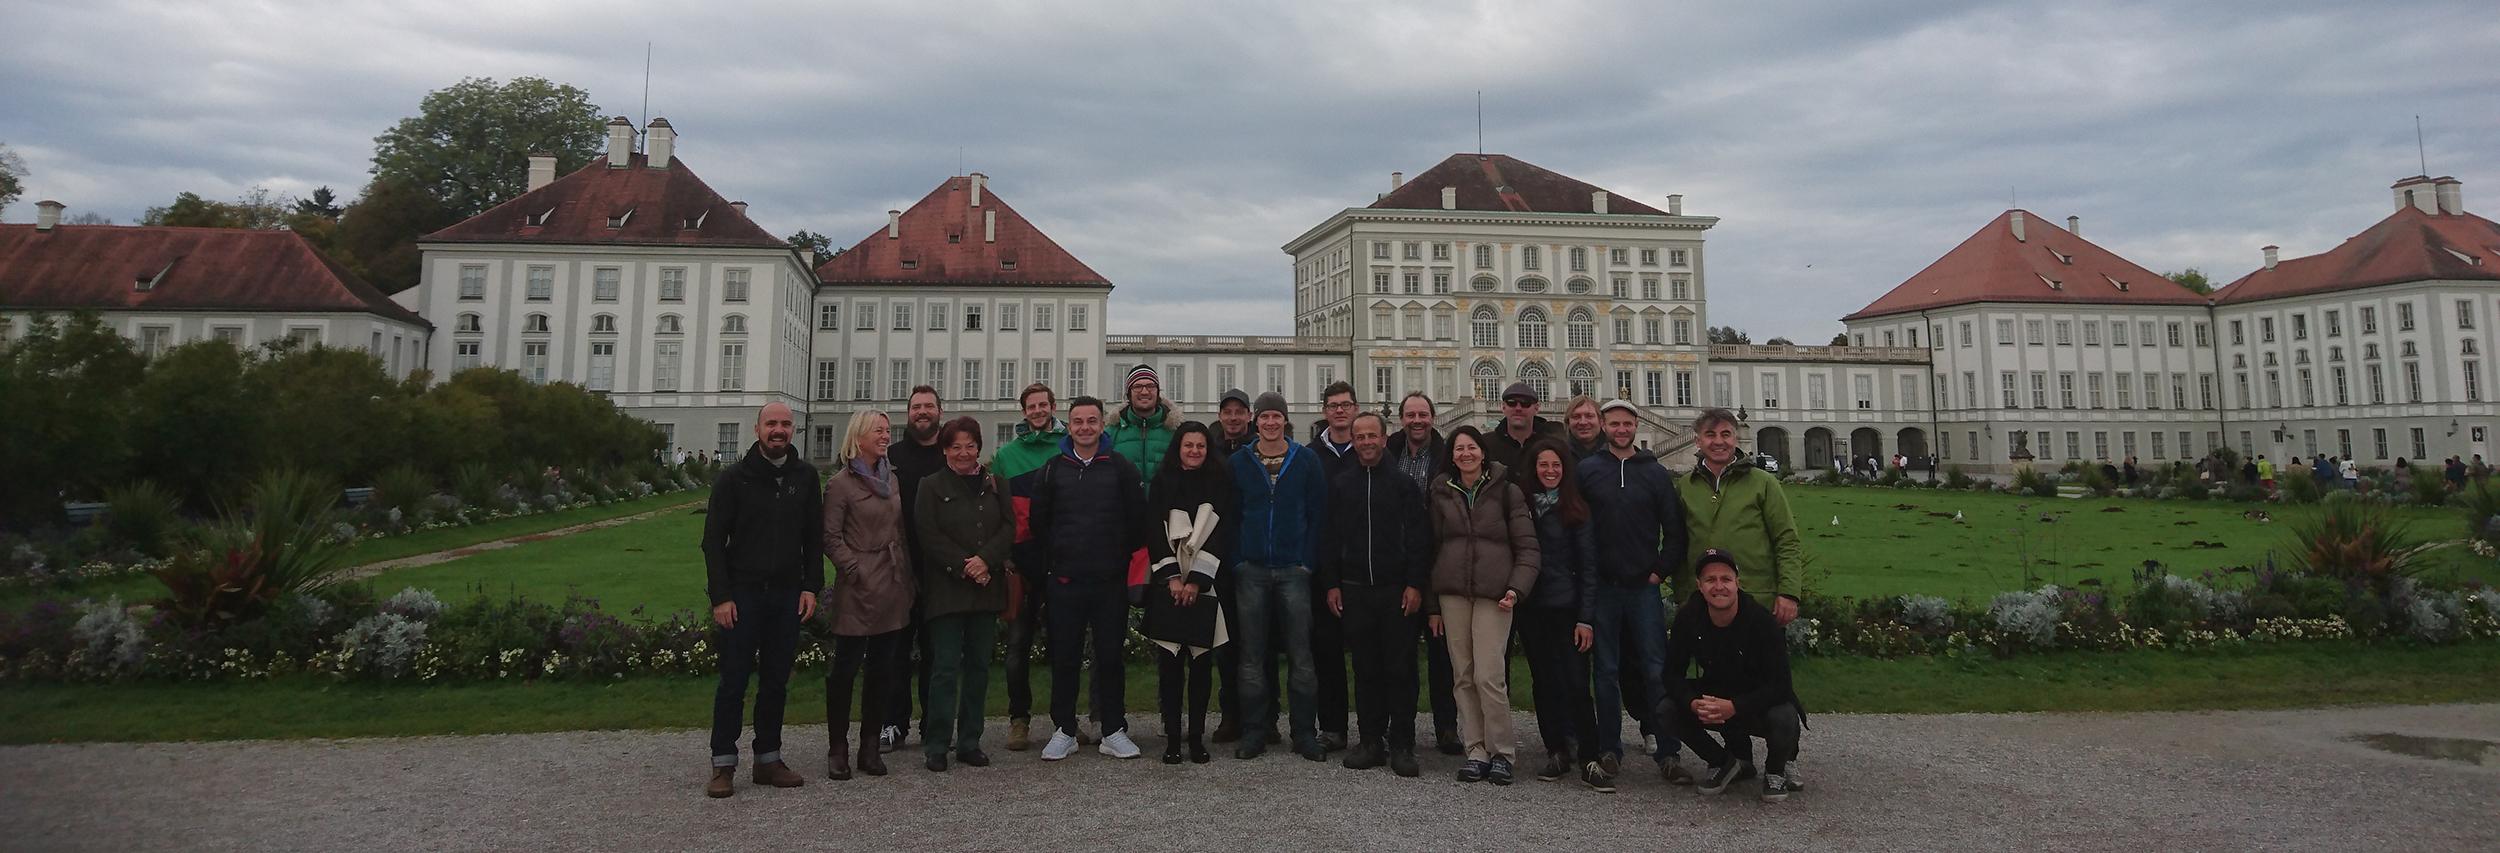 Die zukünftigen Münchner Rikscha-Guides vor dem Nymphenburger Jagdschloss